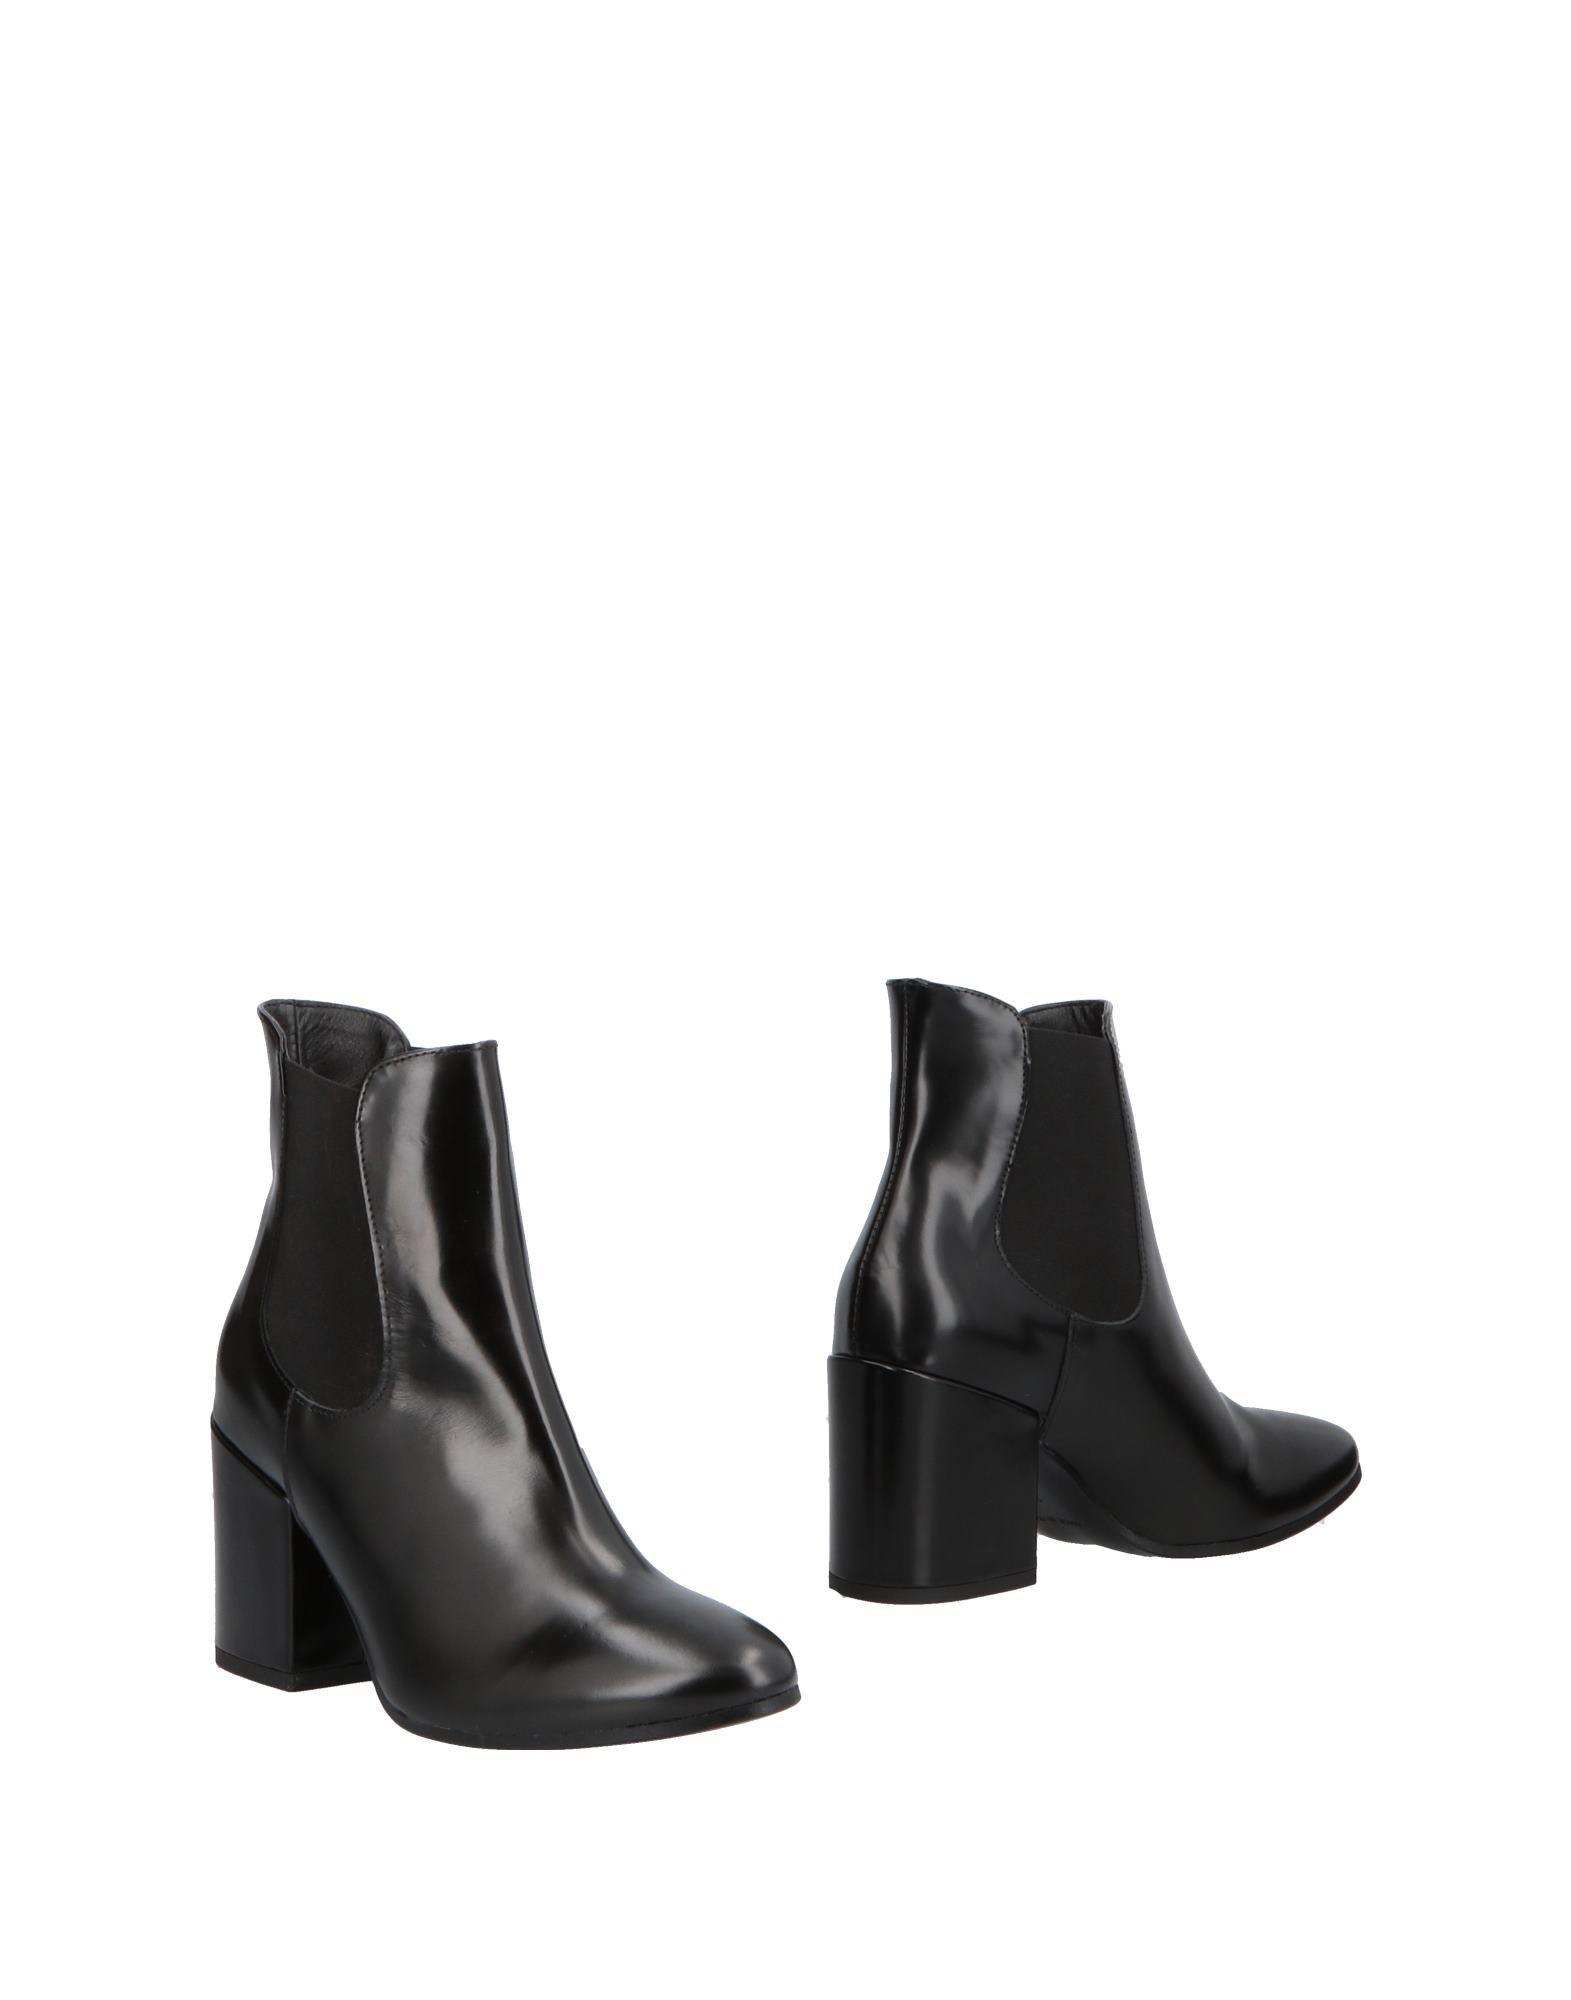 Loretta By Loretta Loretta Loretta Ankle Boot - Women Loretta By Loretta Ankle Boots online on  United Kingdom - 11506389JE bf50ad